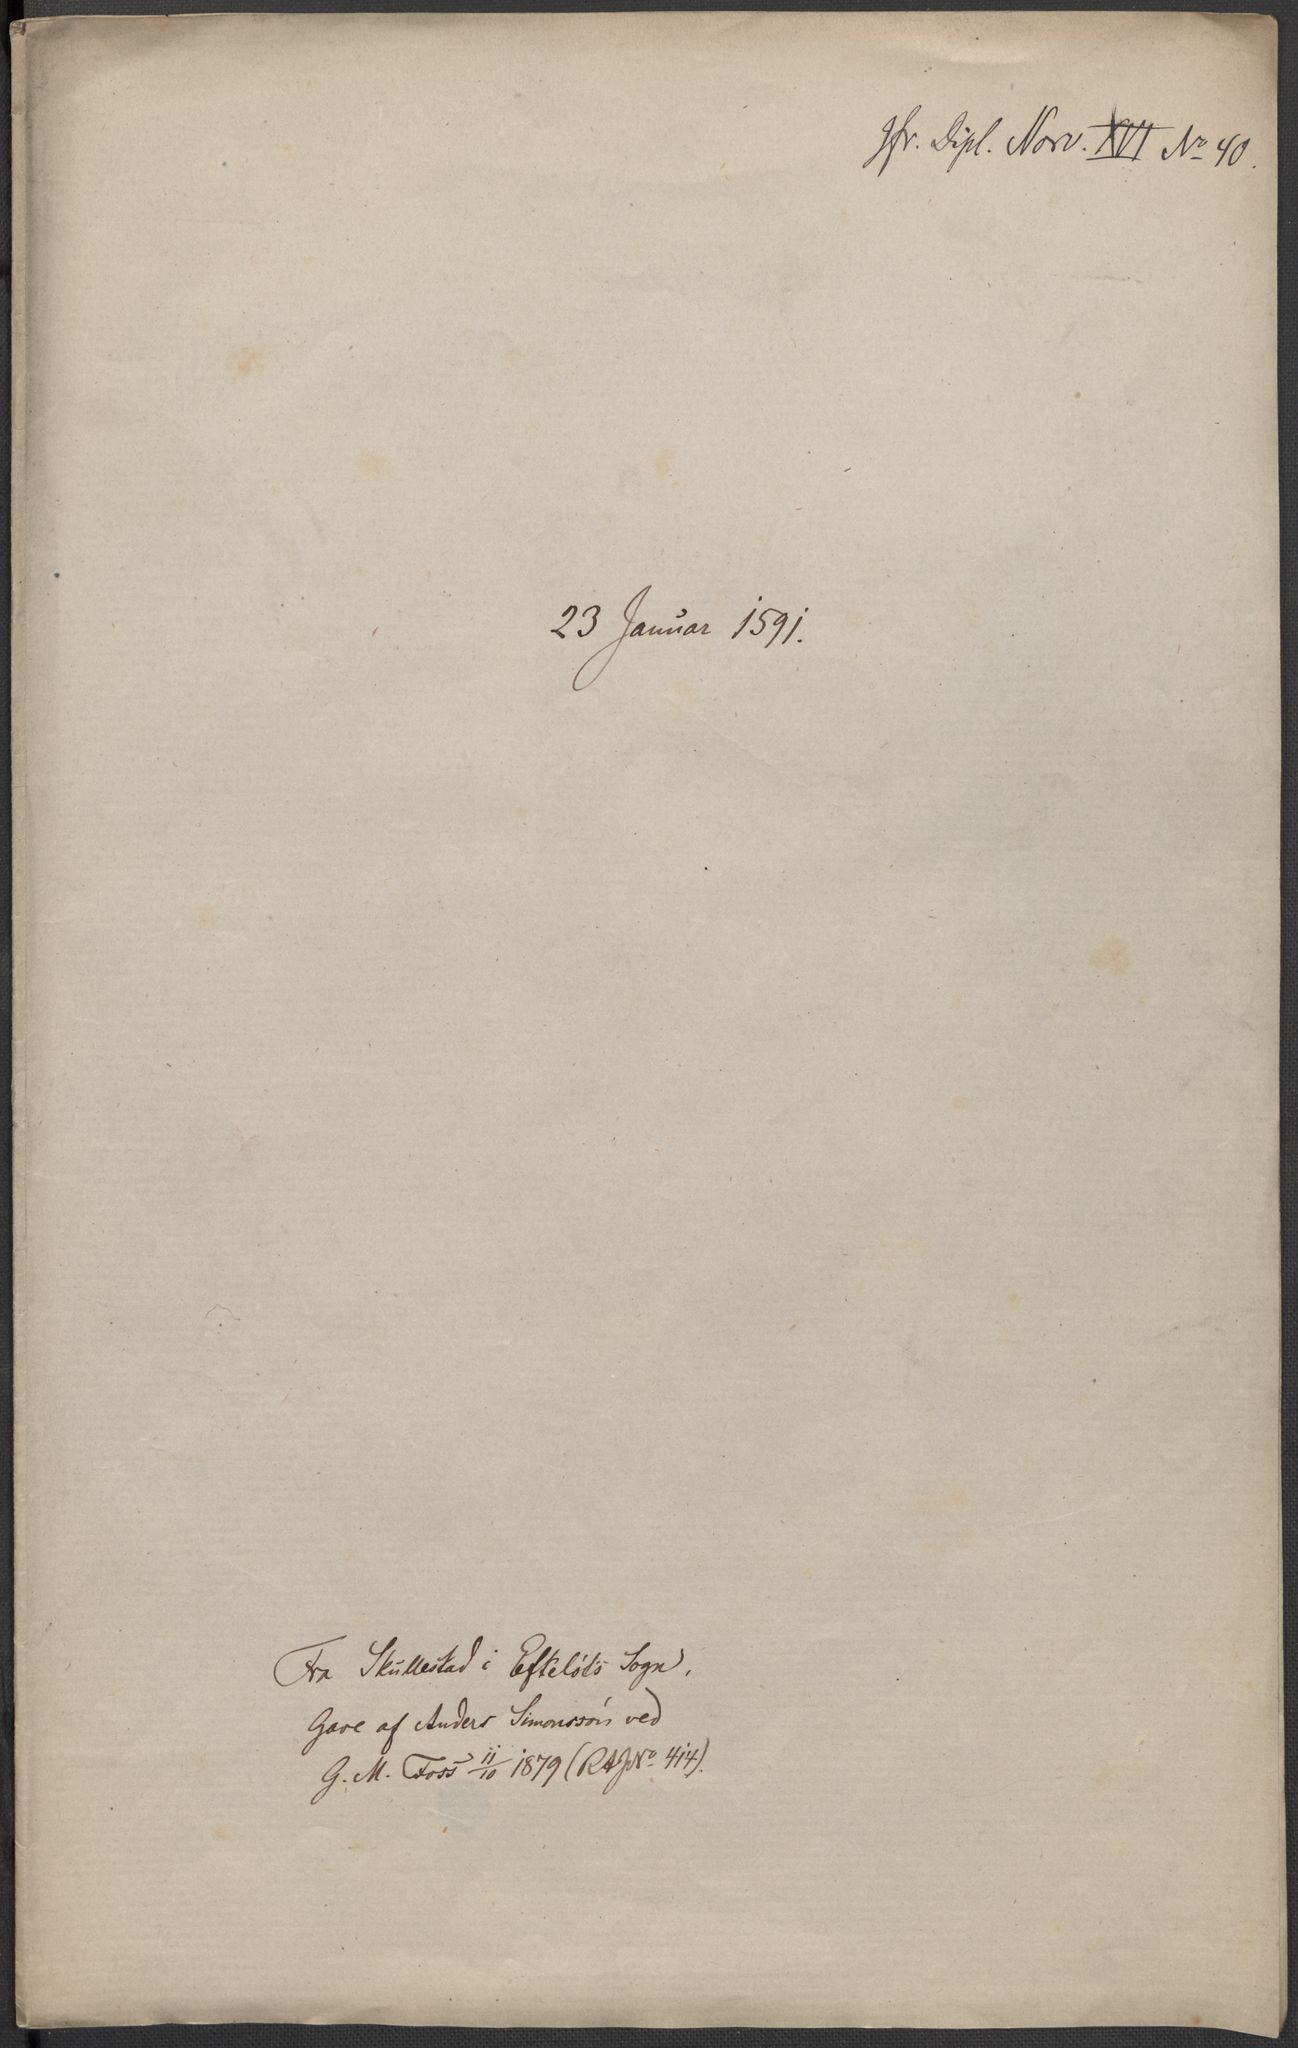 RA, Riksarkivets diplomsamling, F02/L0093: Dokumenter, 1591, s. 12